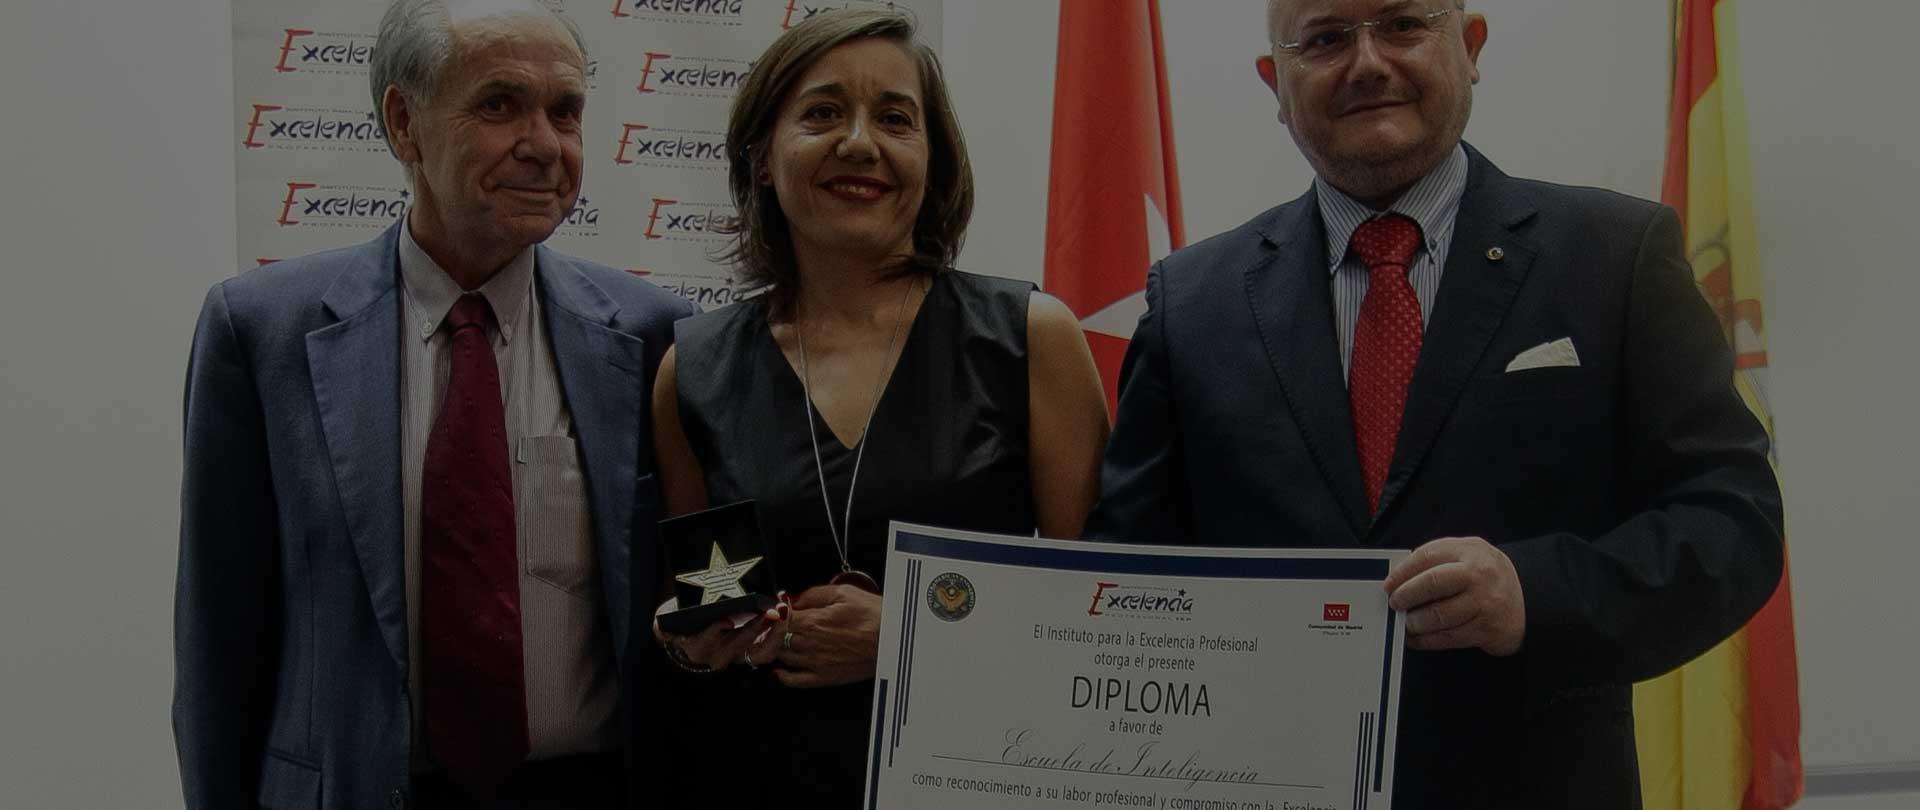 Medalla Europea al mérito en el trabajo 2018